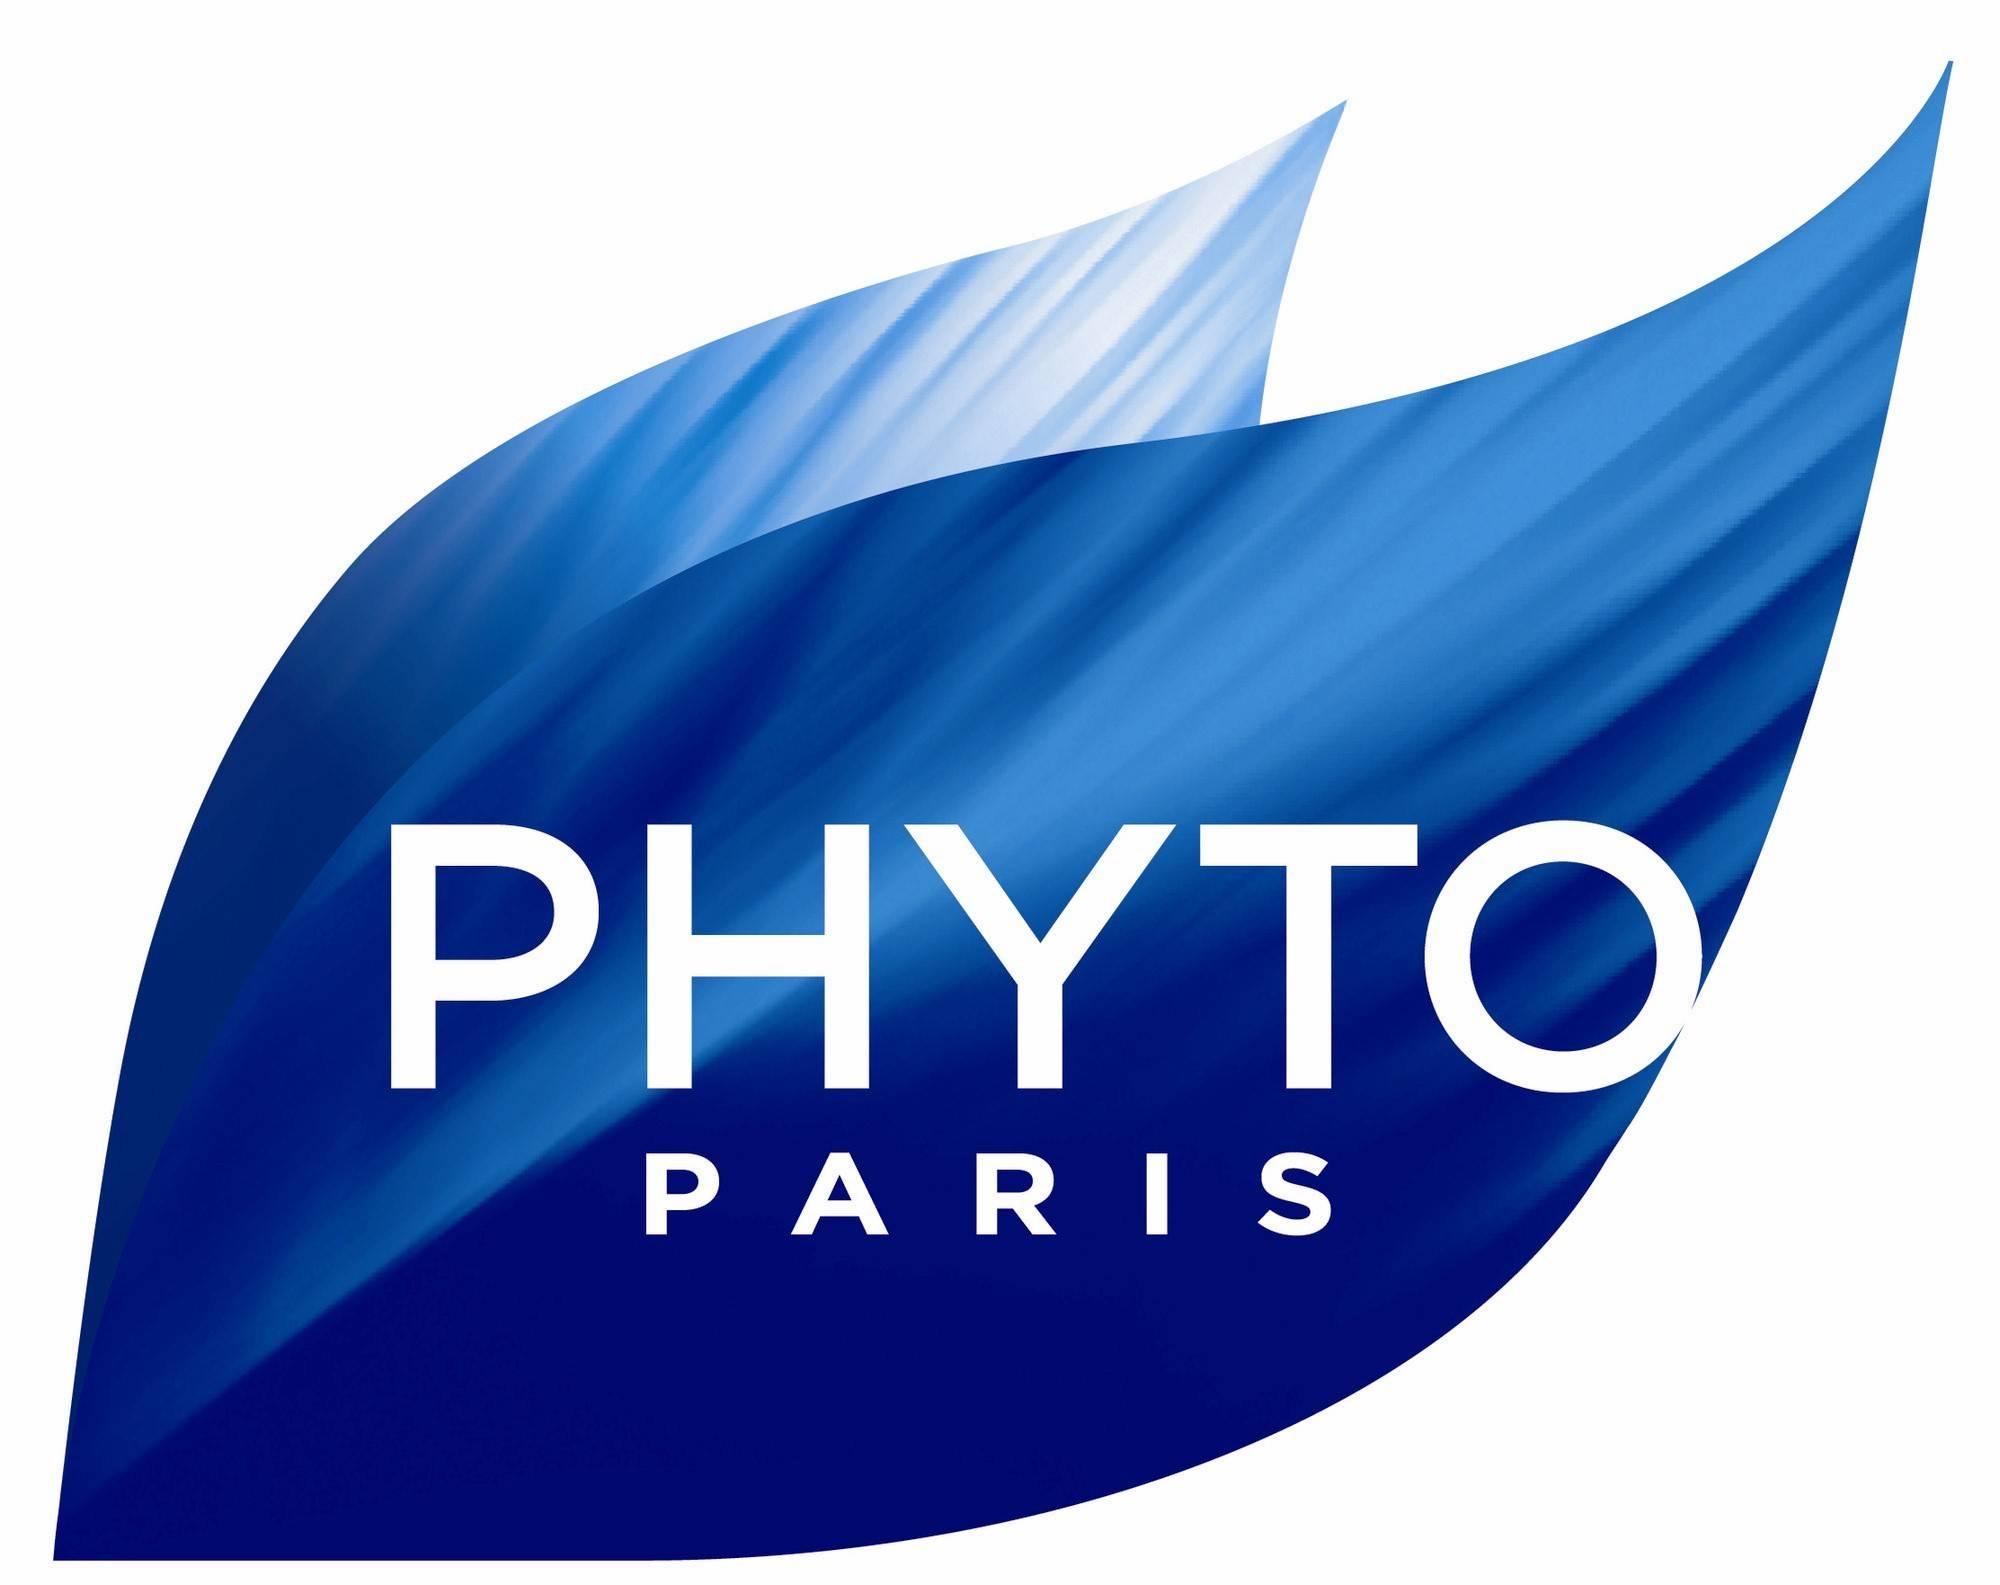 La Phyto